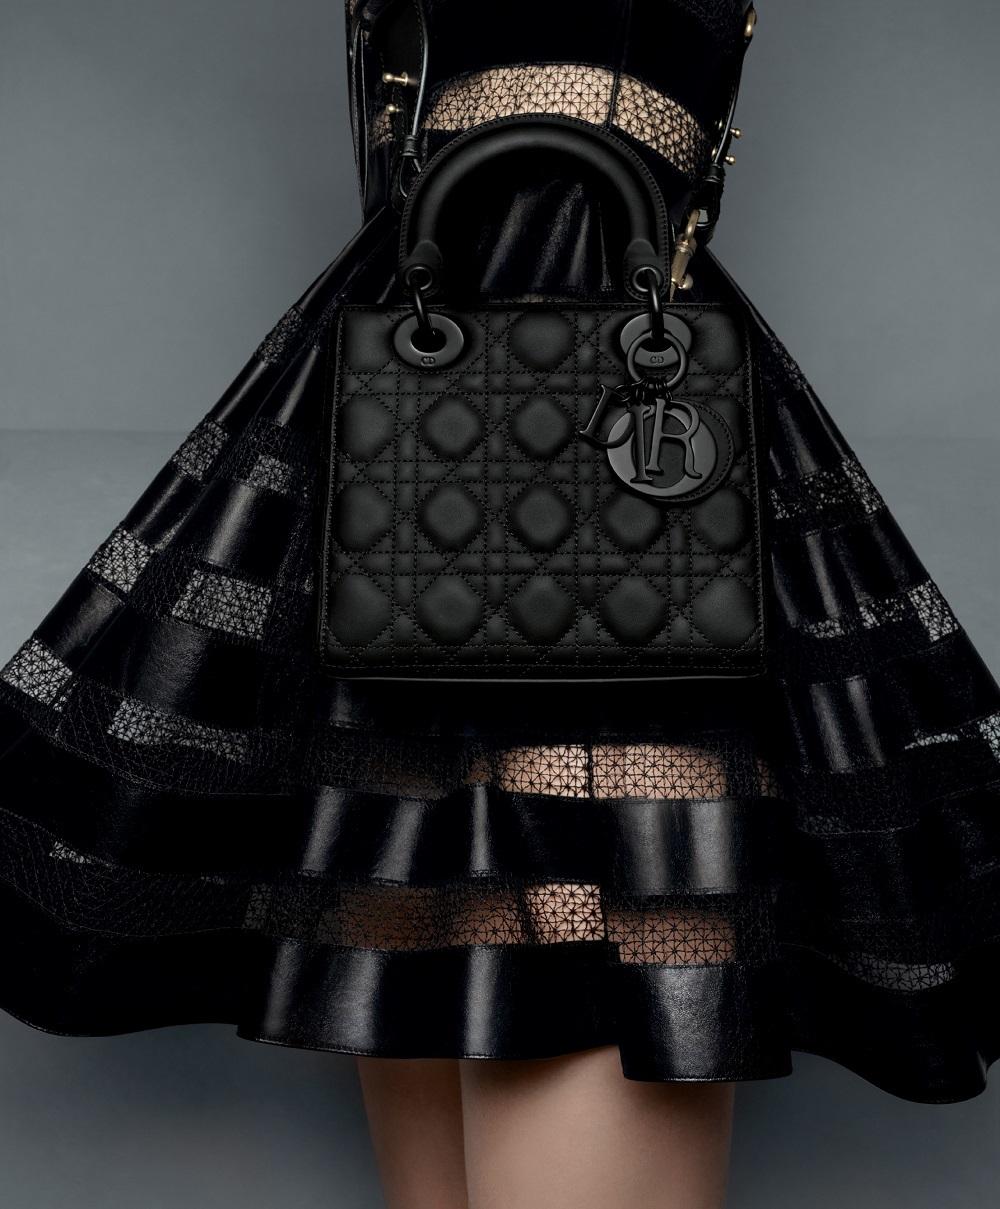 El bolso Lady Dior Ultra-Matte en una de las fotos de la campaña otoño-invierno 2020/21 de Dior.